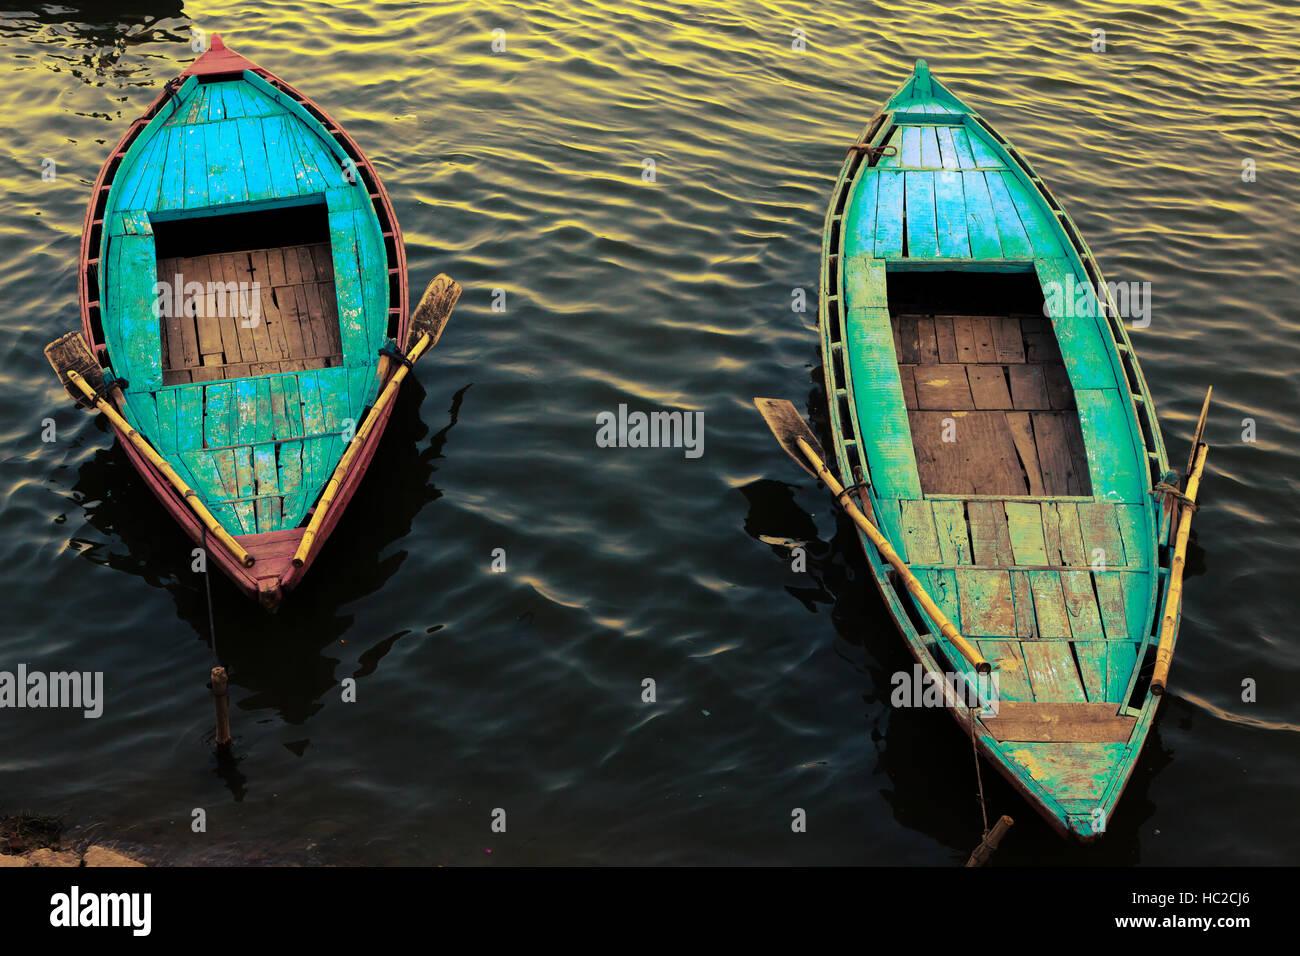 Bateaux colorés amarrés sur le Gange à Varanasi, Inde Photo Stock